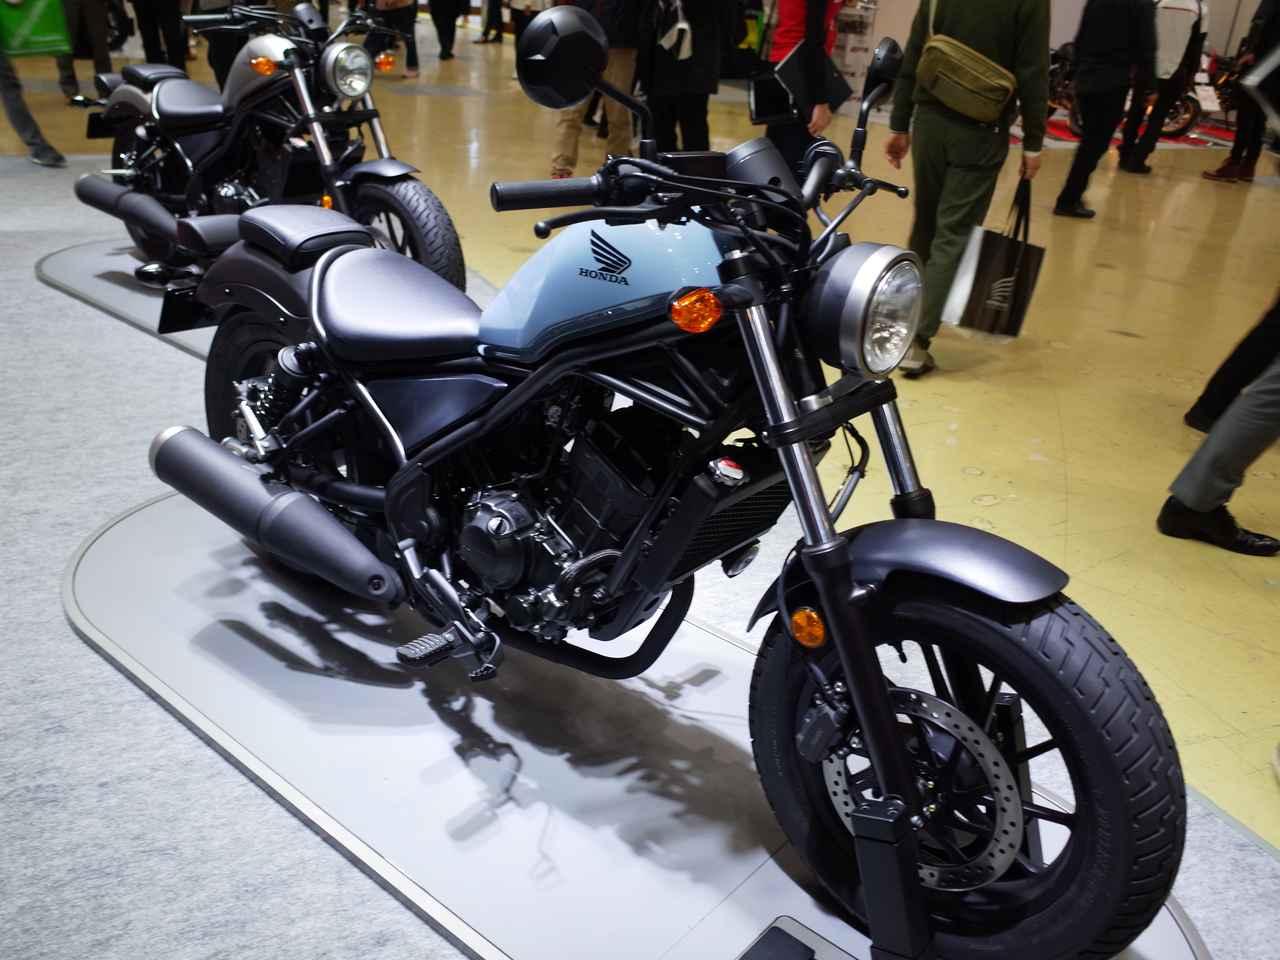 画像1: 令和時代のはじまり!新元号を盛り上げるホンダバイクはこれだ!